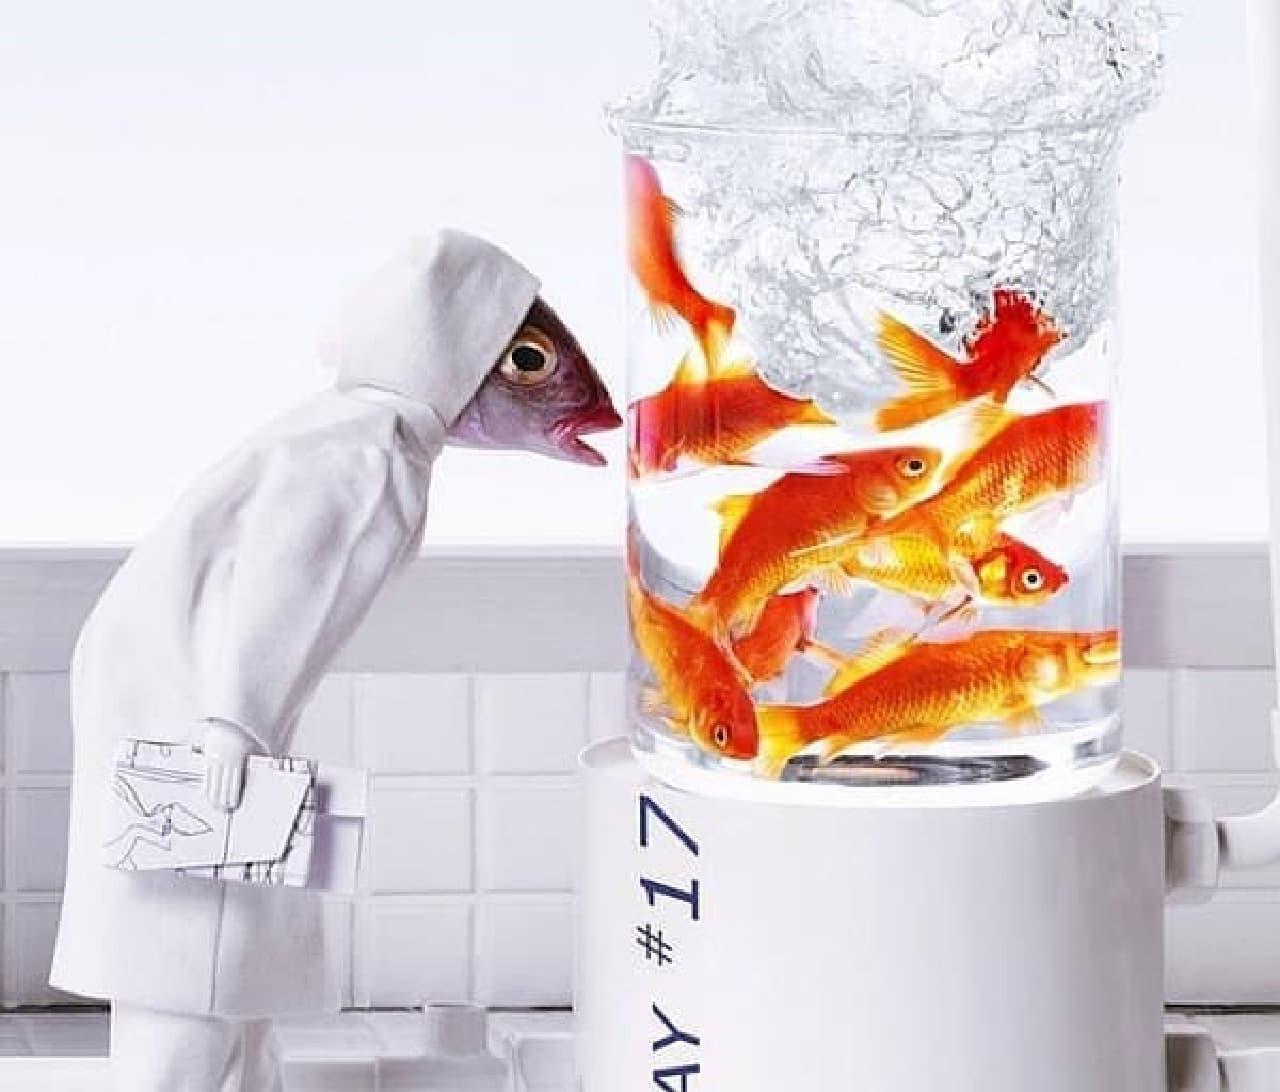 作品には、ブラックなものも多くみられる  こちらは、魚を飼育する魚